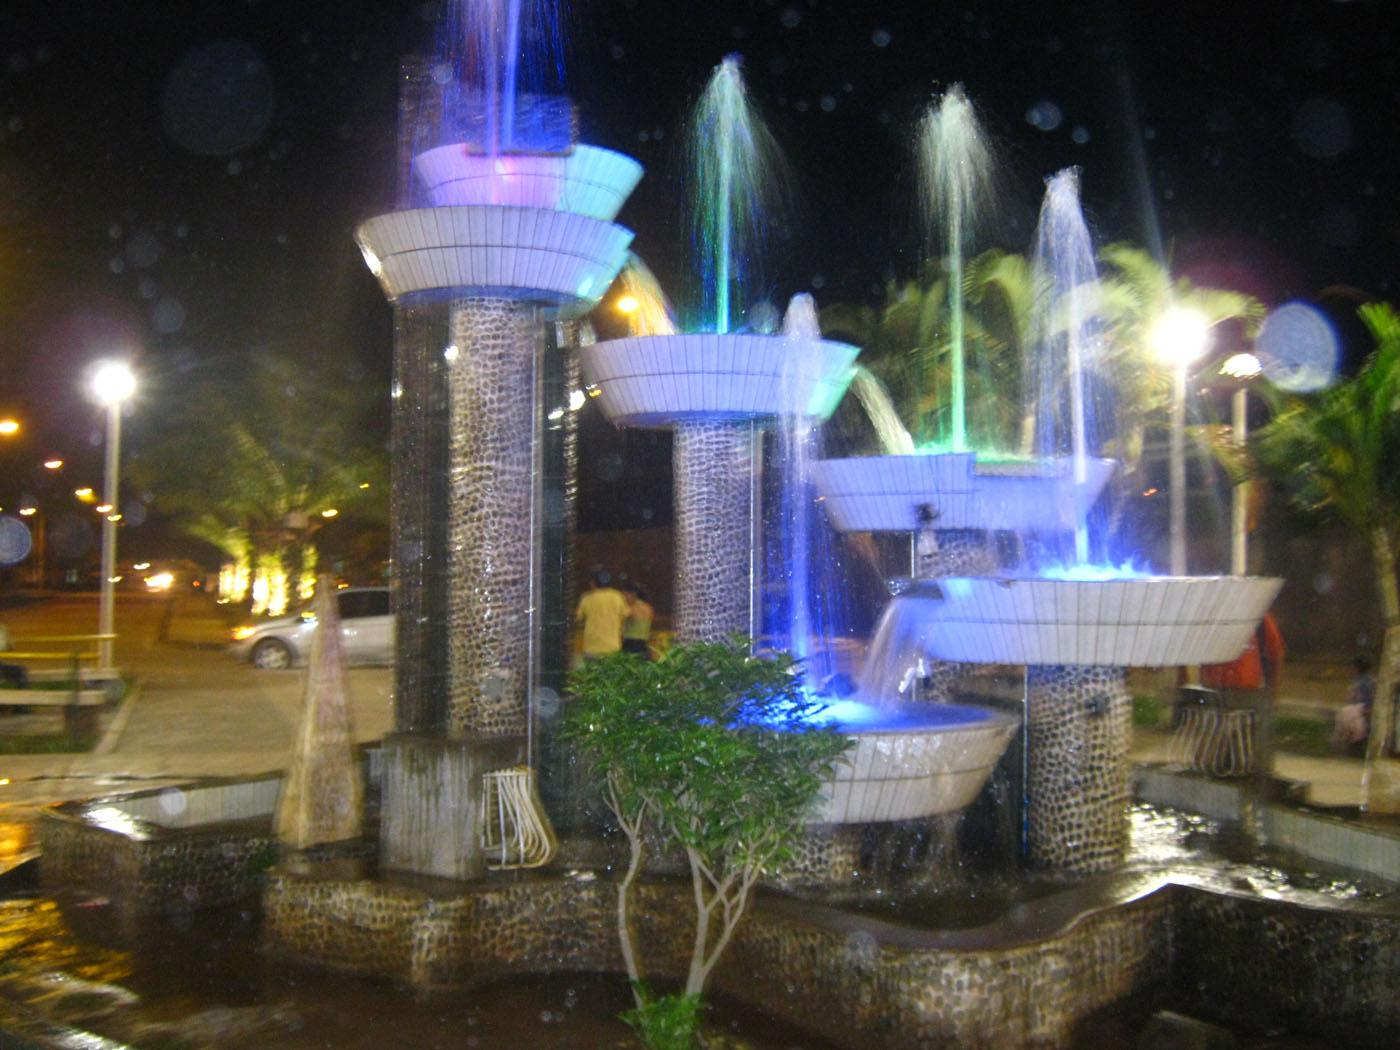 Municipio de leoncio prado mejora ornato de la ciudad con for Decoracion de parques con piletas